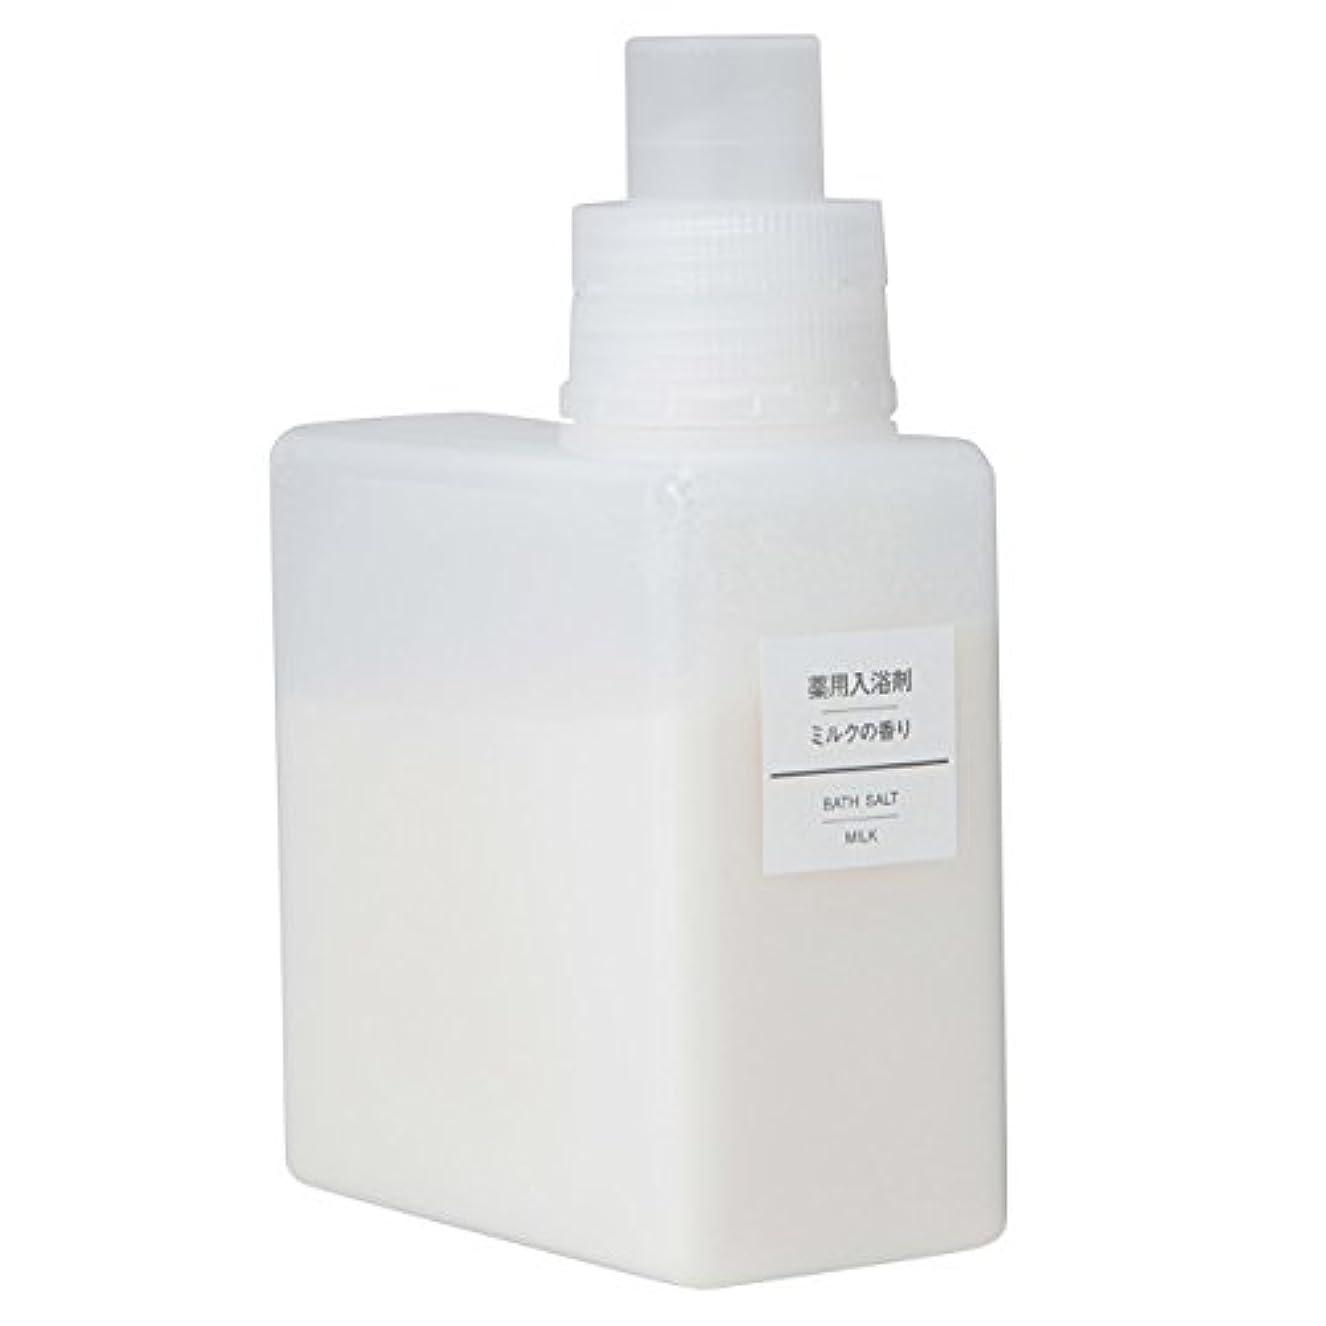 案件下位外交無印良品 薬用入浴剤?ミルクの香り (新)500g 日本製